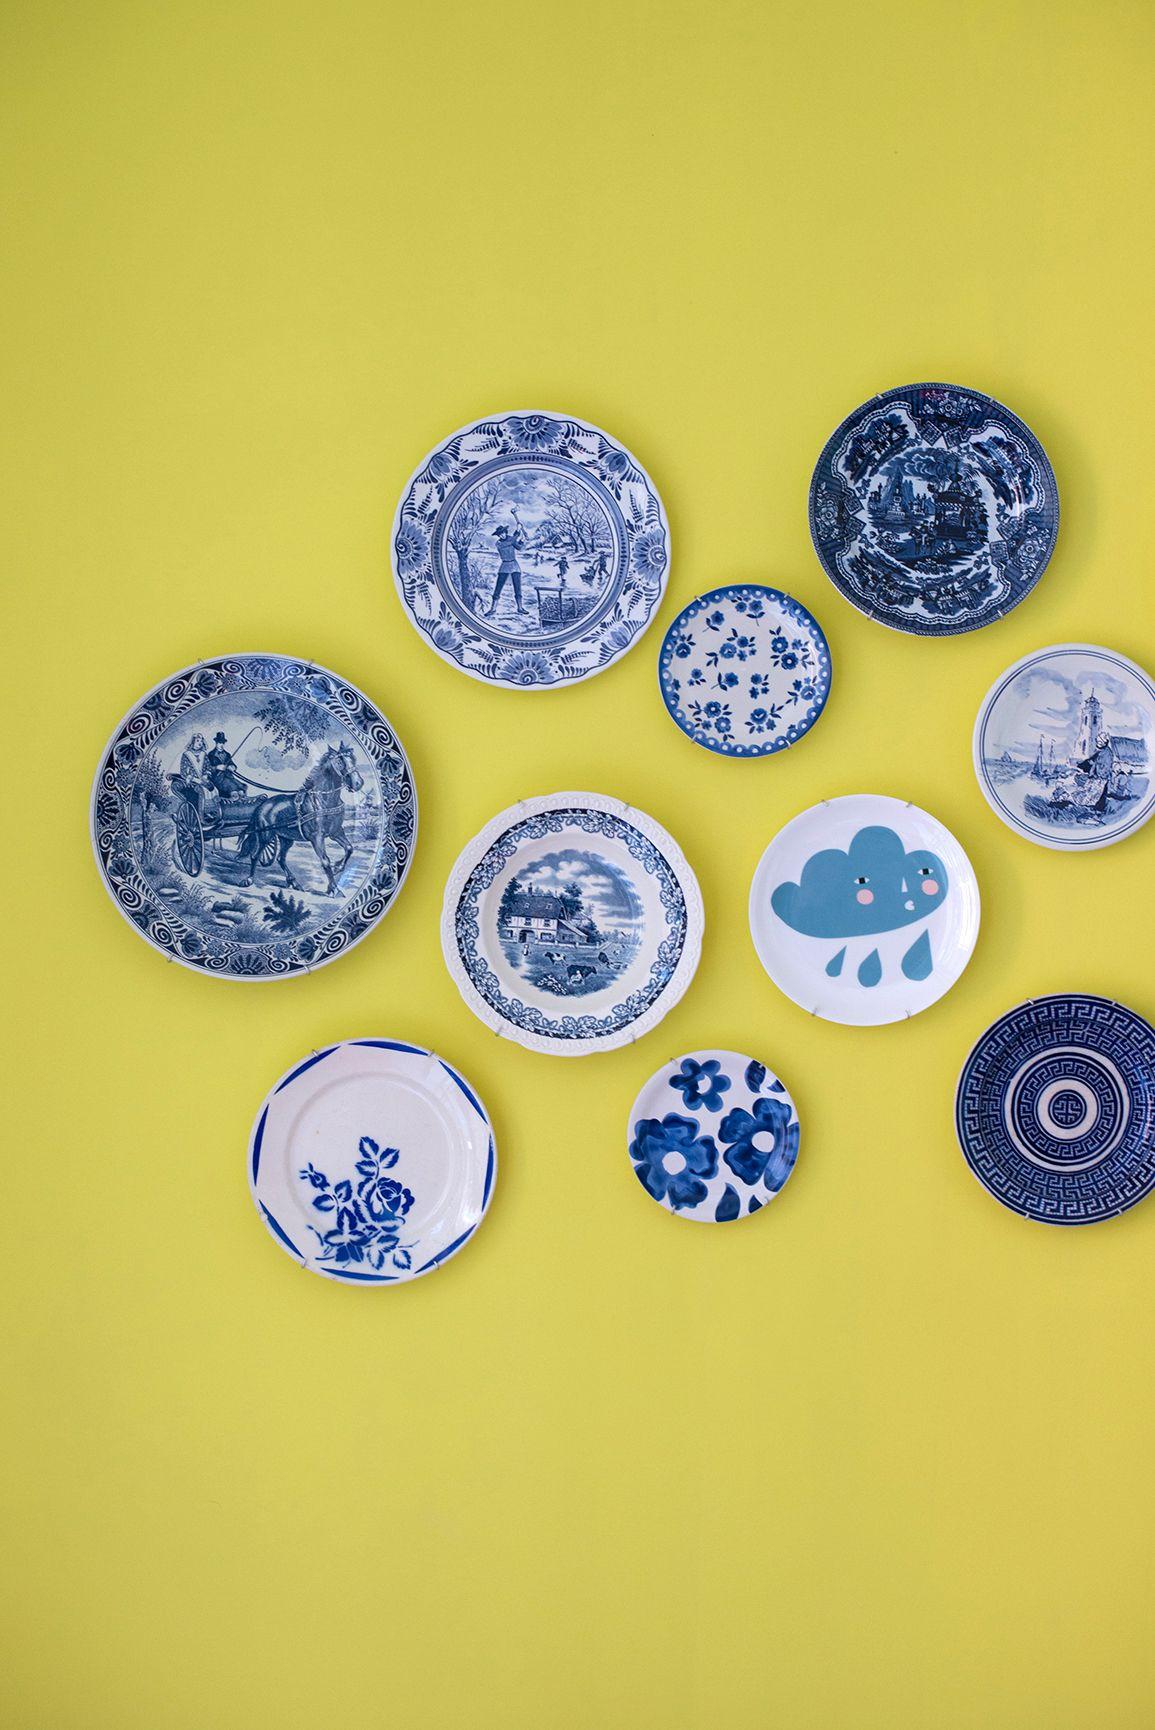 Femkeido Interior Design - Project Delft | Delft ware plates ...